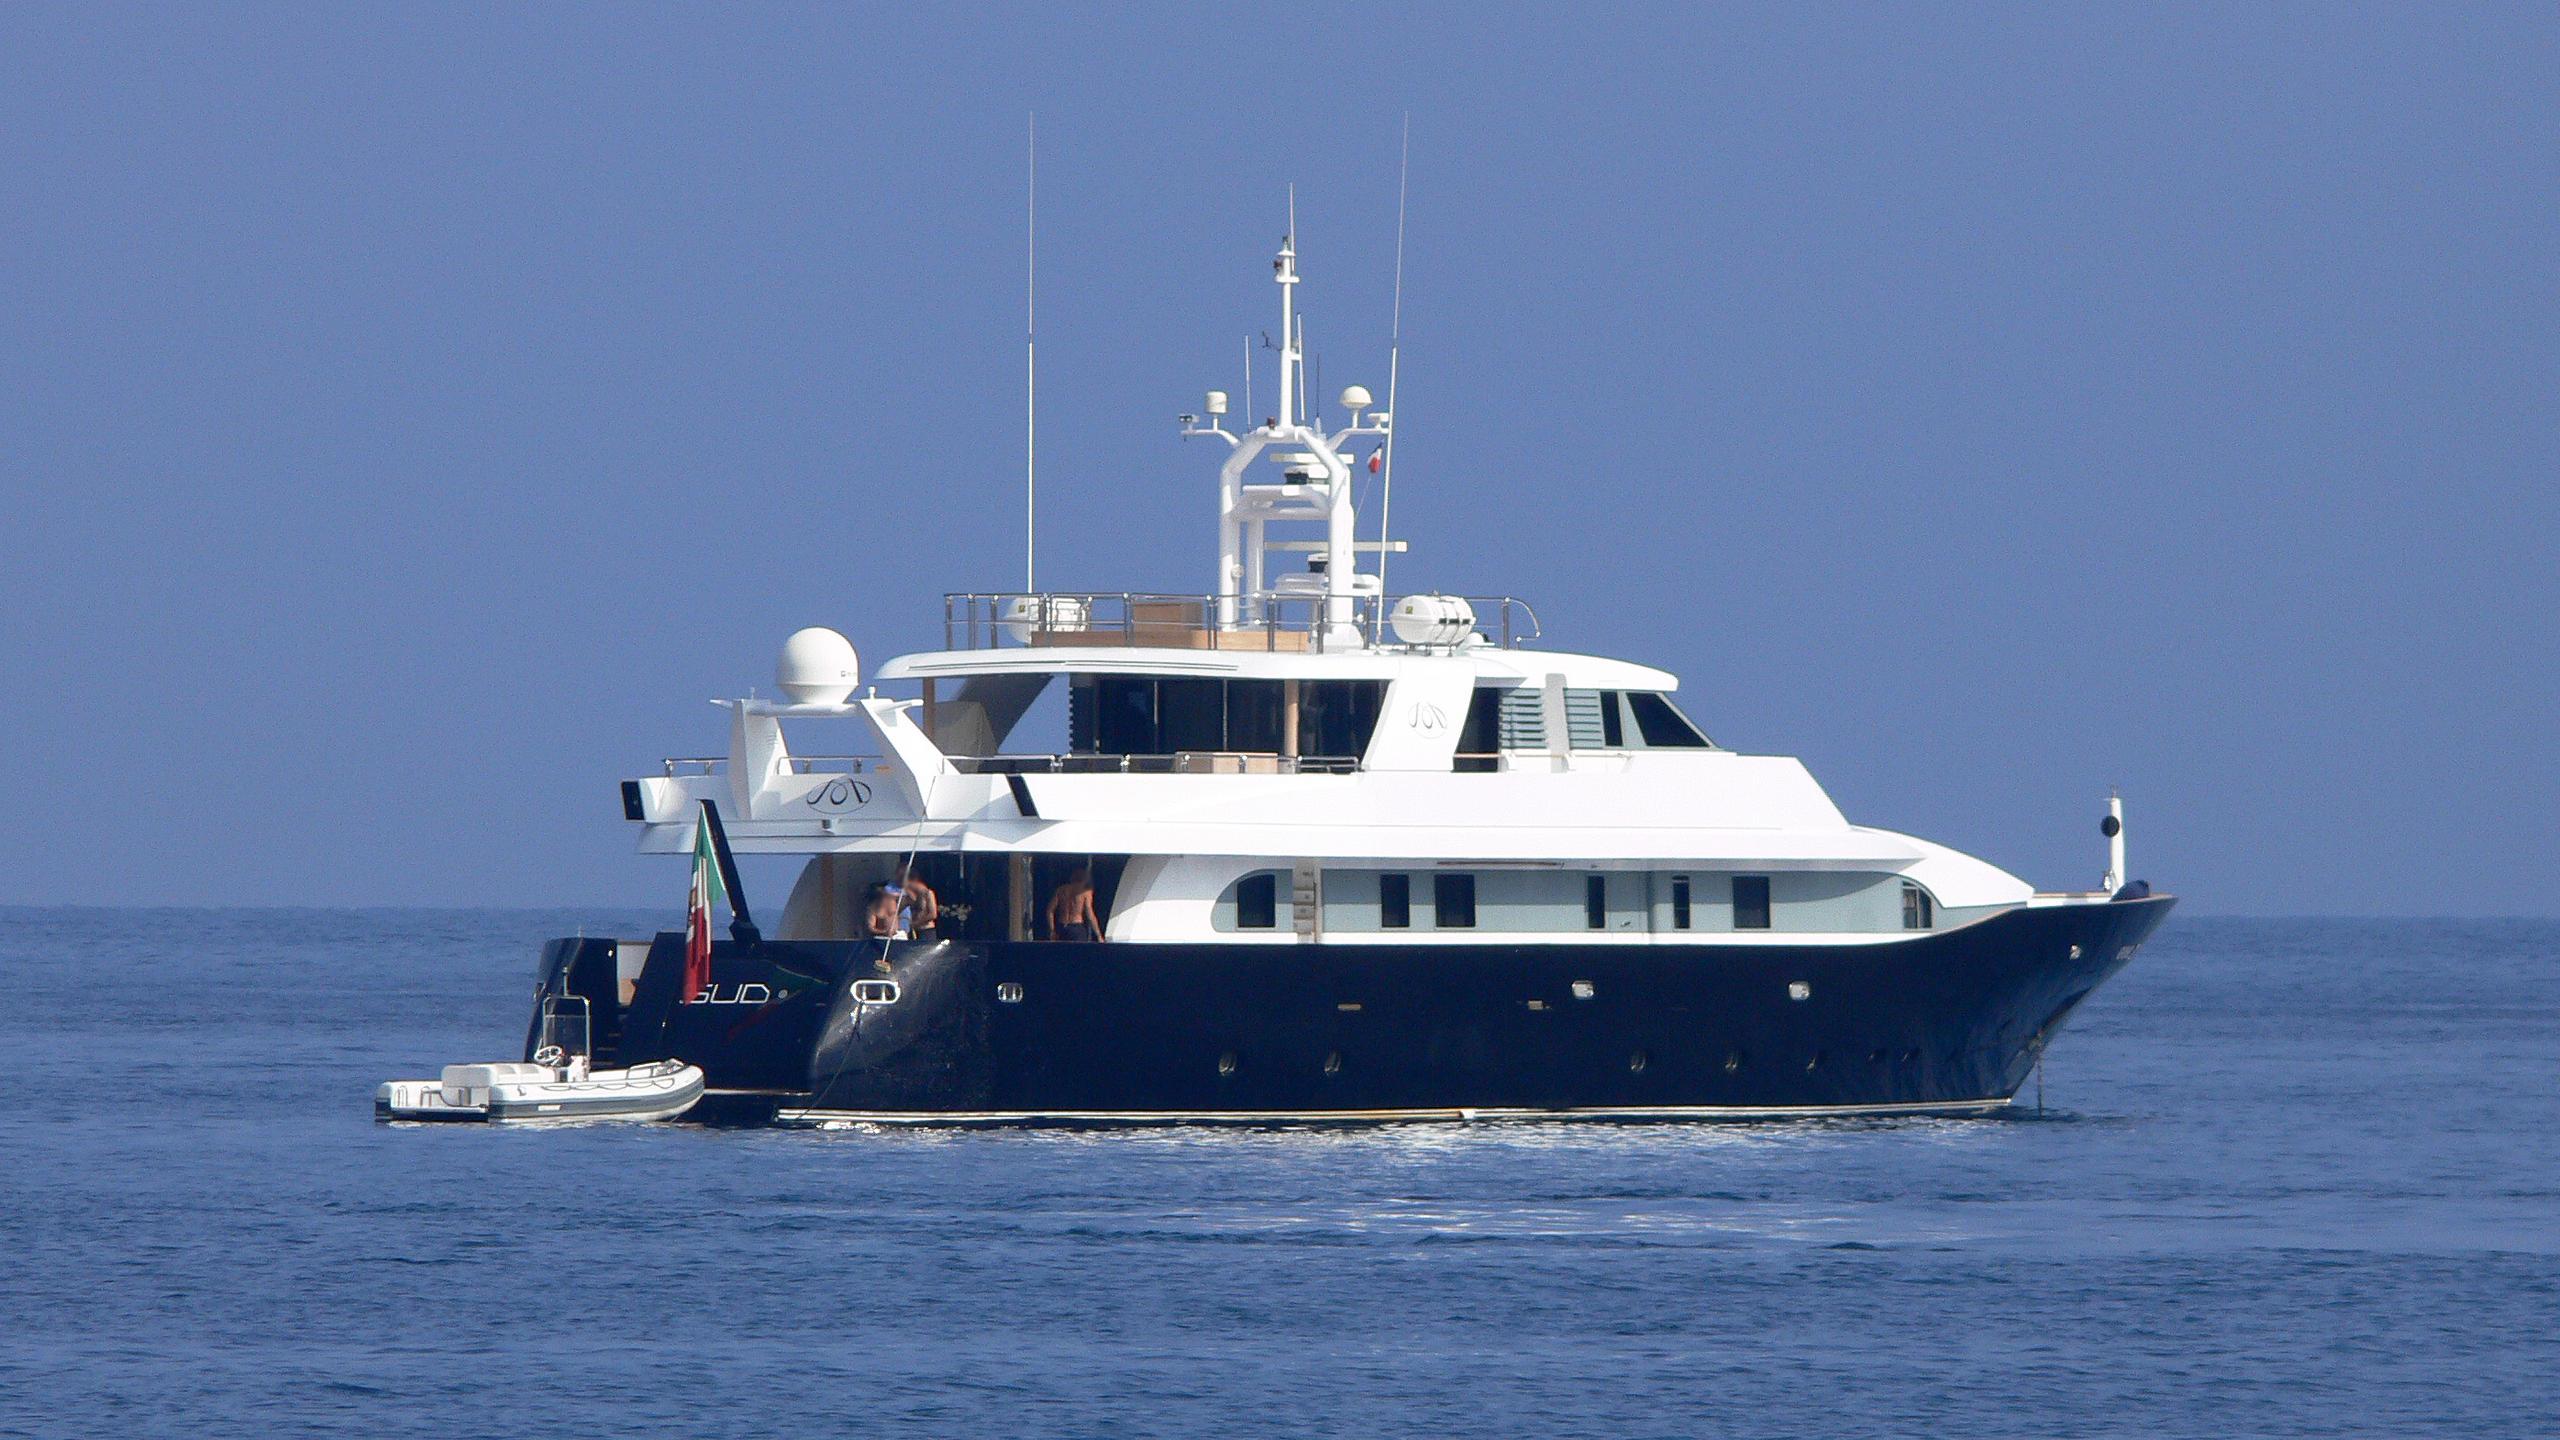 lady-in-blue-motor-yacht-rossinvai-1999-39m-stern